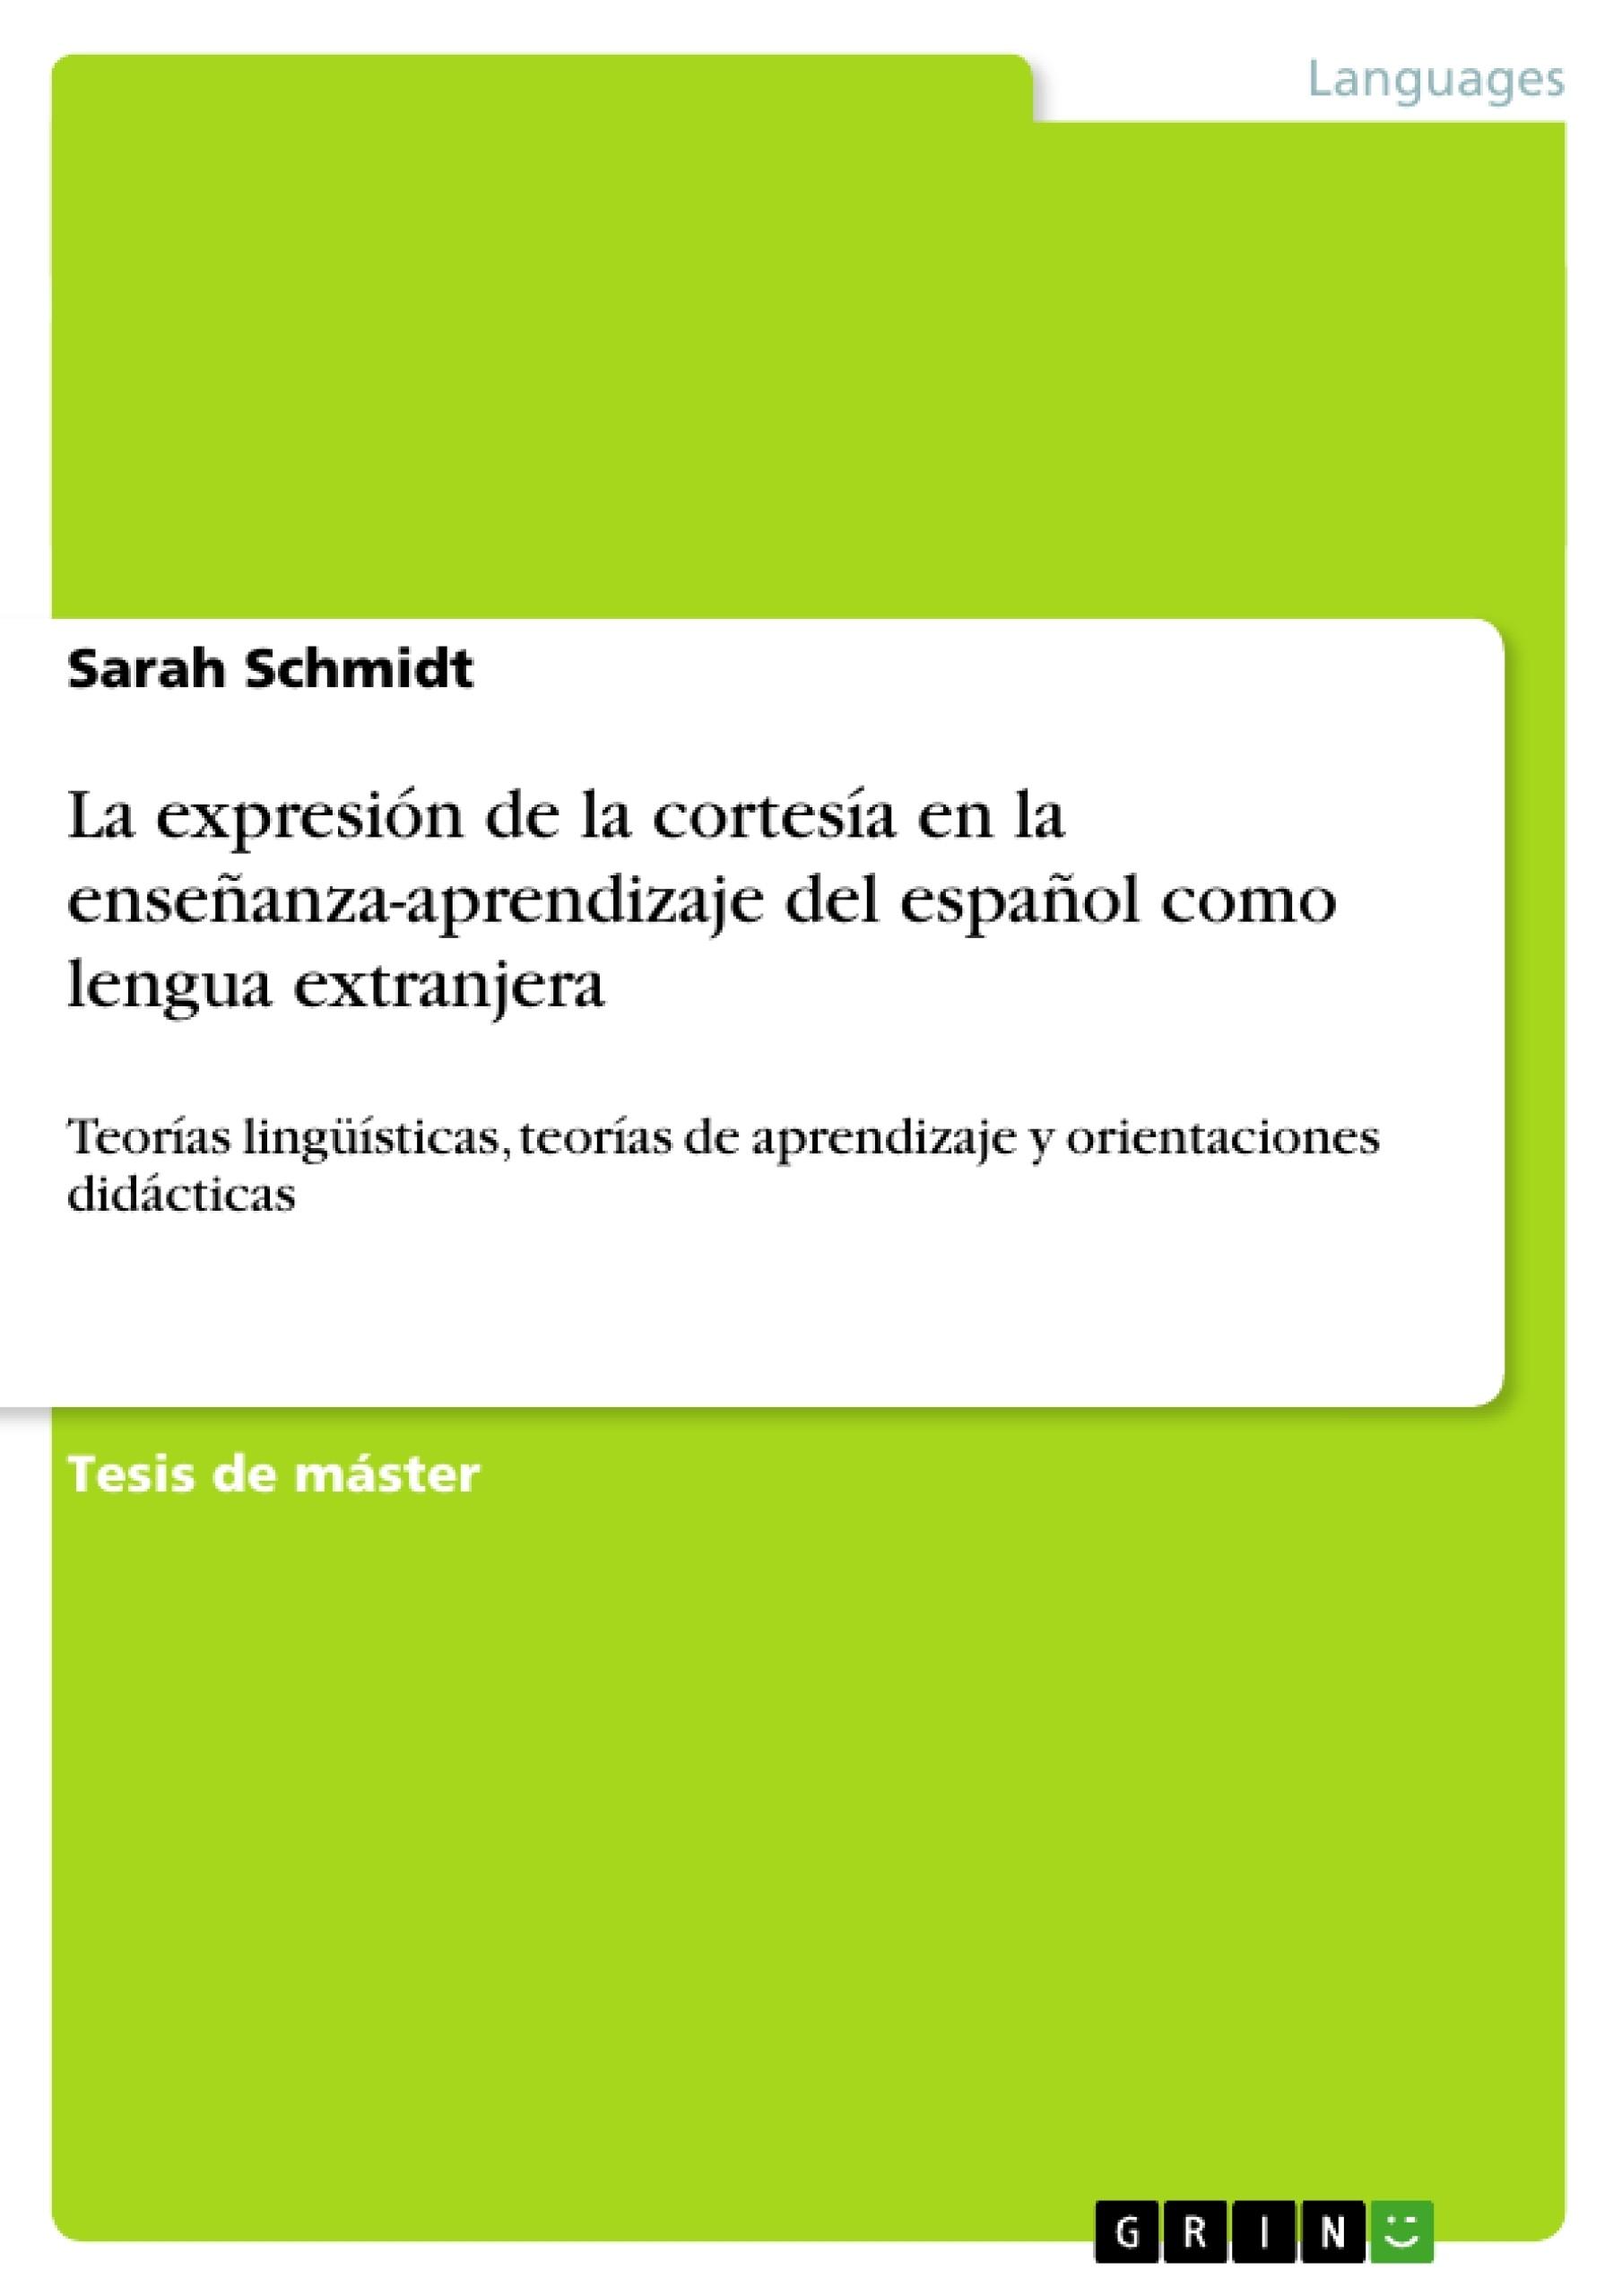 Título: La expresión de la cortesía en la enseñanza-aprendizaje del español como lengua extranjera